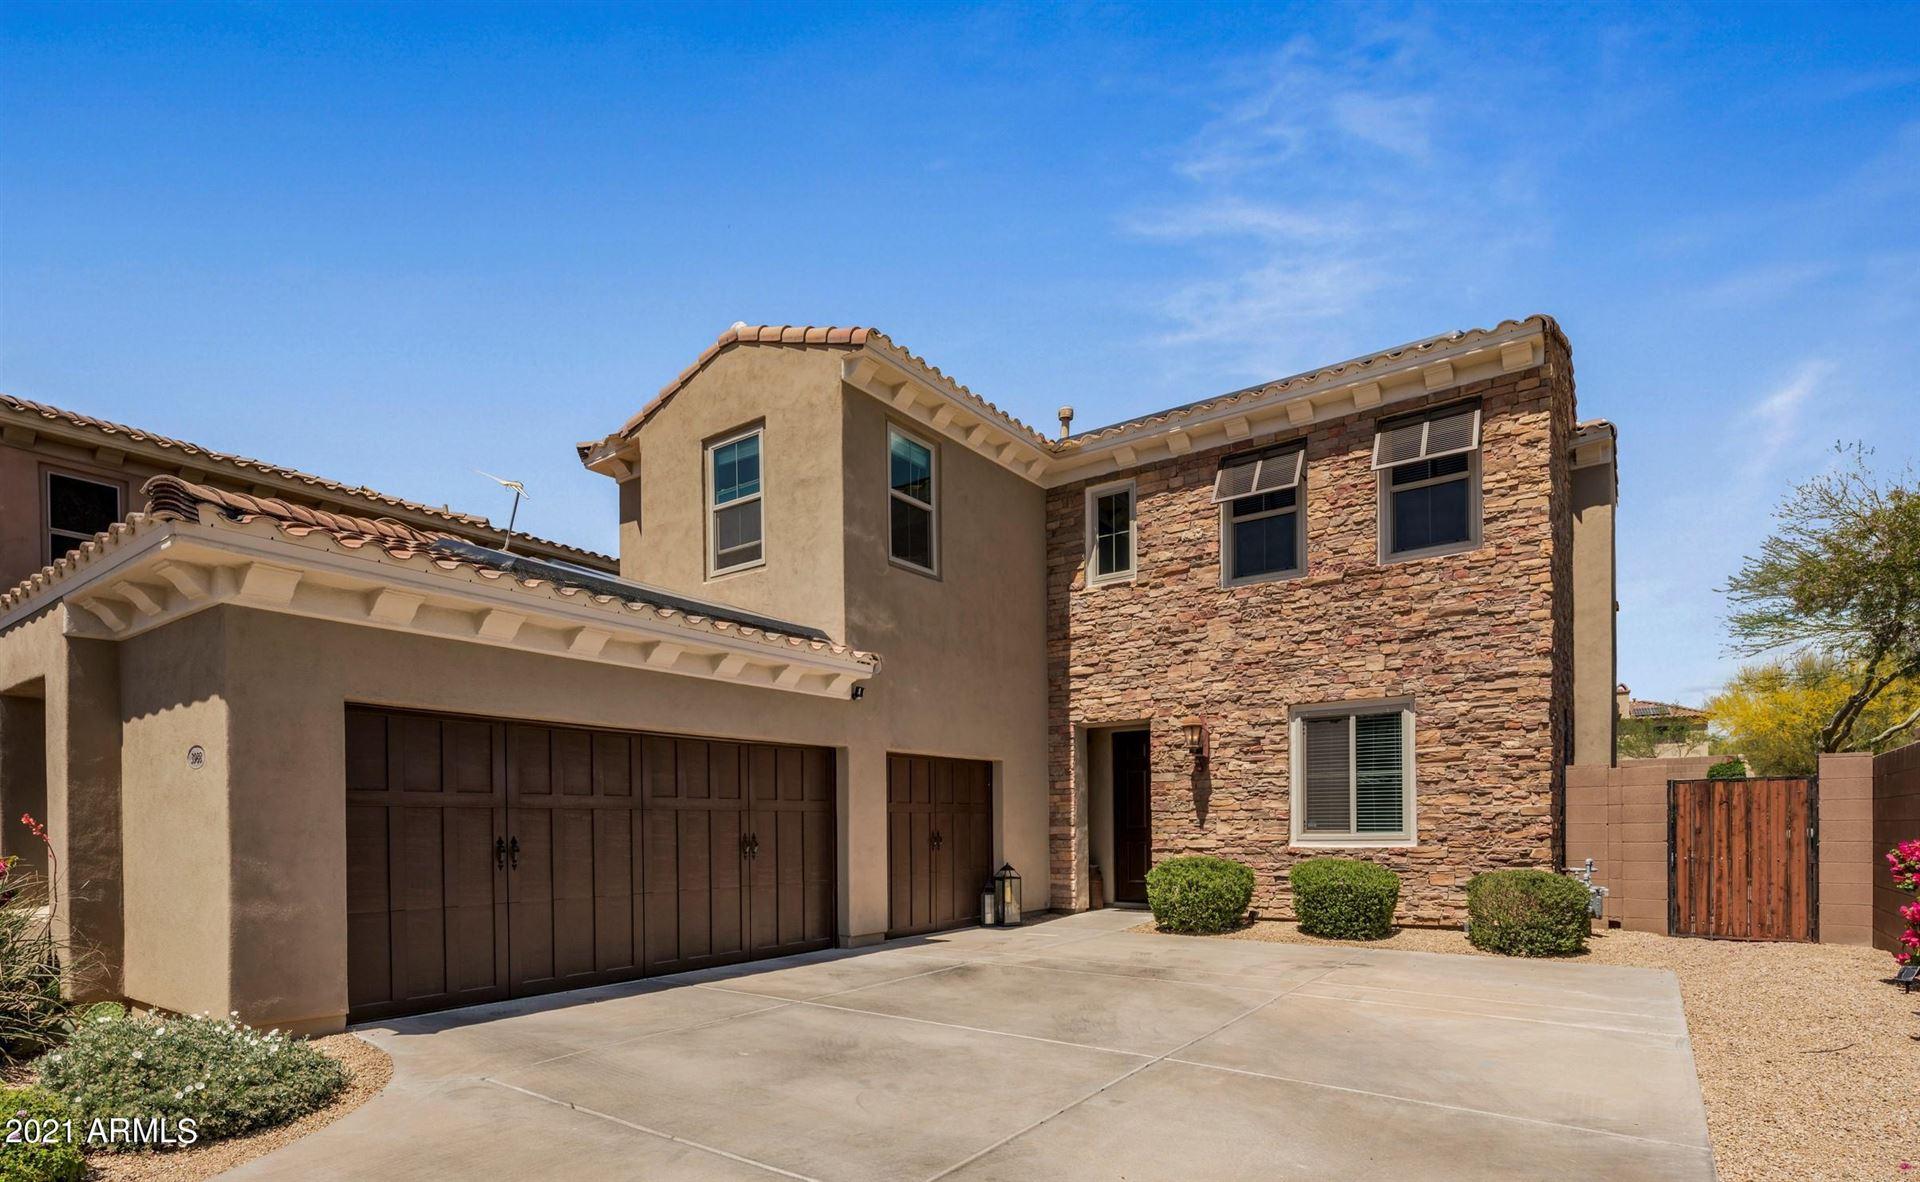 Photo of 3988 E ROBIN Lane, Phoenix, AZ 85050 (MLS # 6231150)